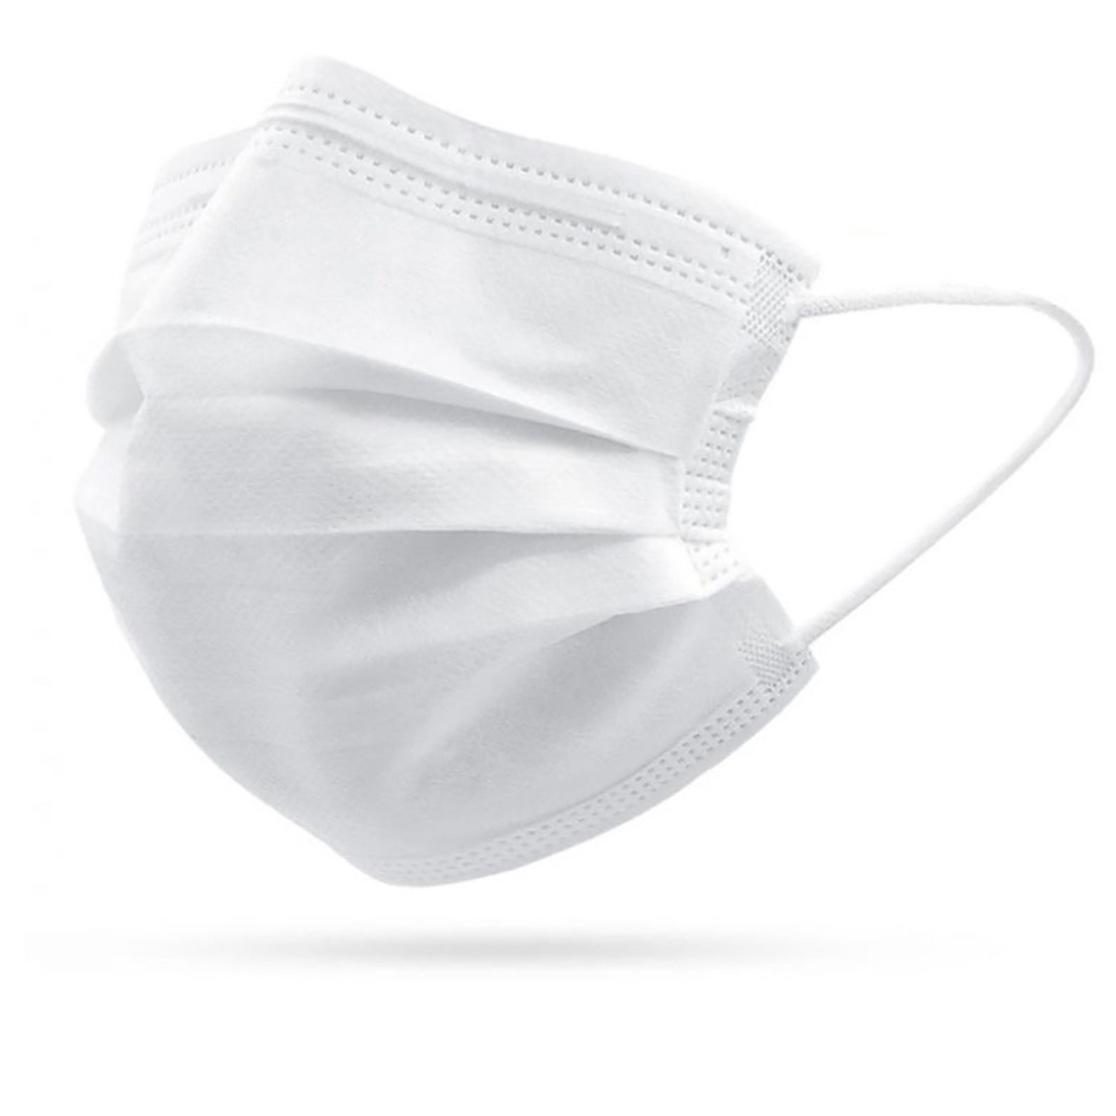 ماسک تنفسی مدل MS بسته 100عددی